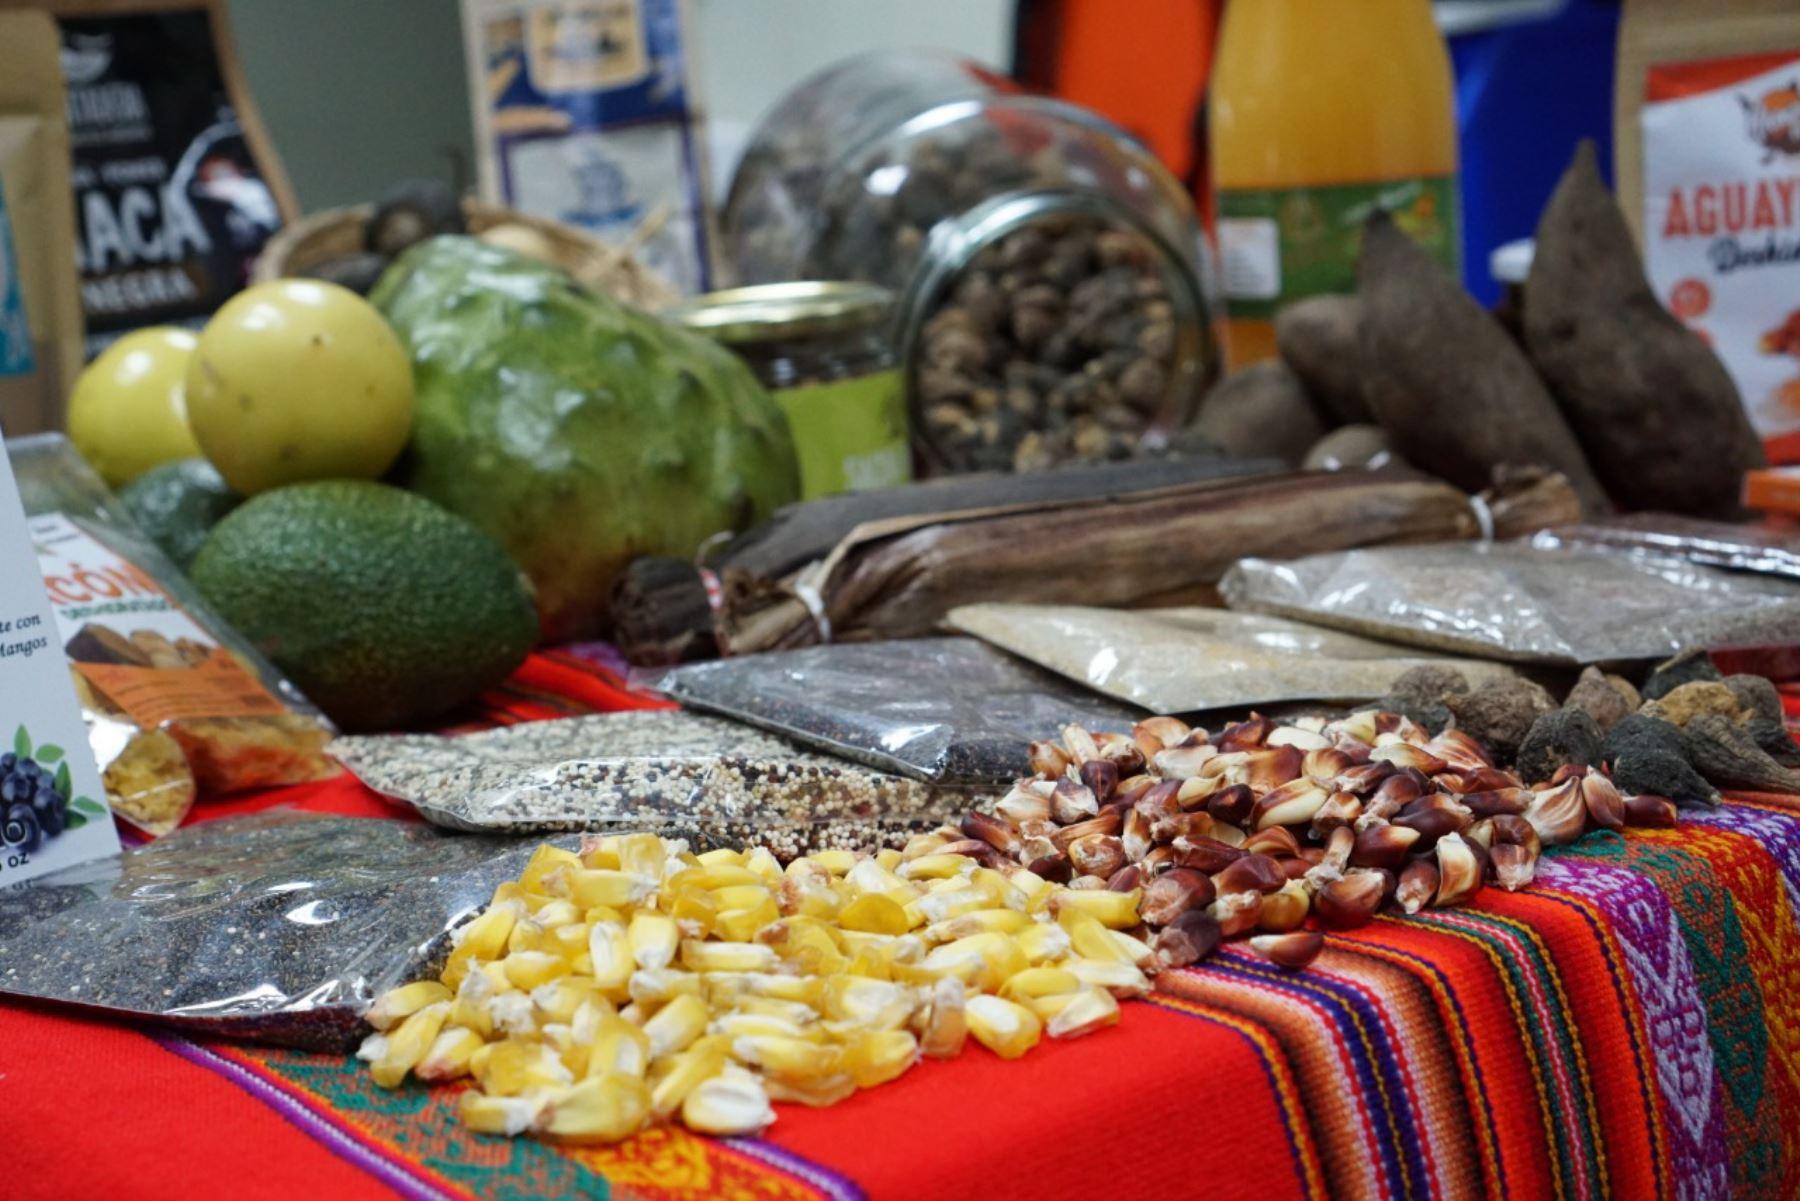 Del 13 al 15 de setiembre se efectuará la Feria Cultural de Cultural de Superalimentos, Granos y Cultivos Andinos funcionará en la plazuela del Teatro Municipal de Lima.